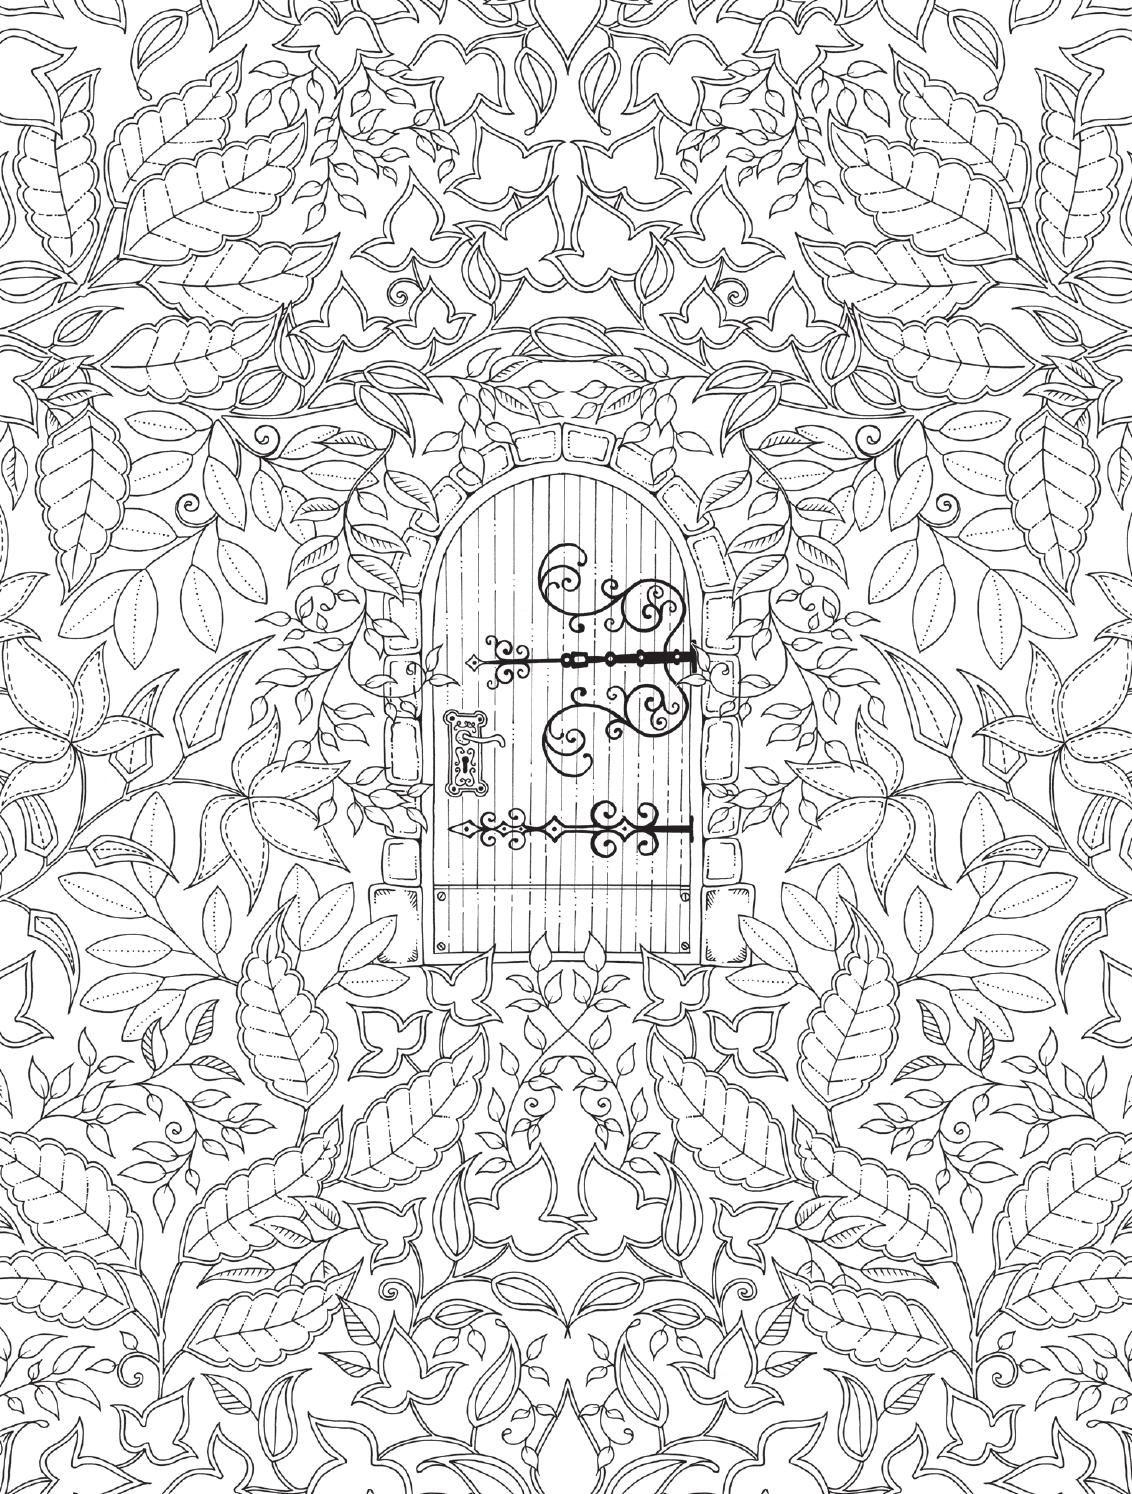 Johanna Basford Tras El Exito Mundial De Jardin Secreto Y Bosque Encantado Presentamos Esta Edicion Especial Con 20 Las Ilustraciones